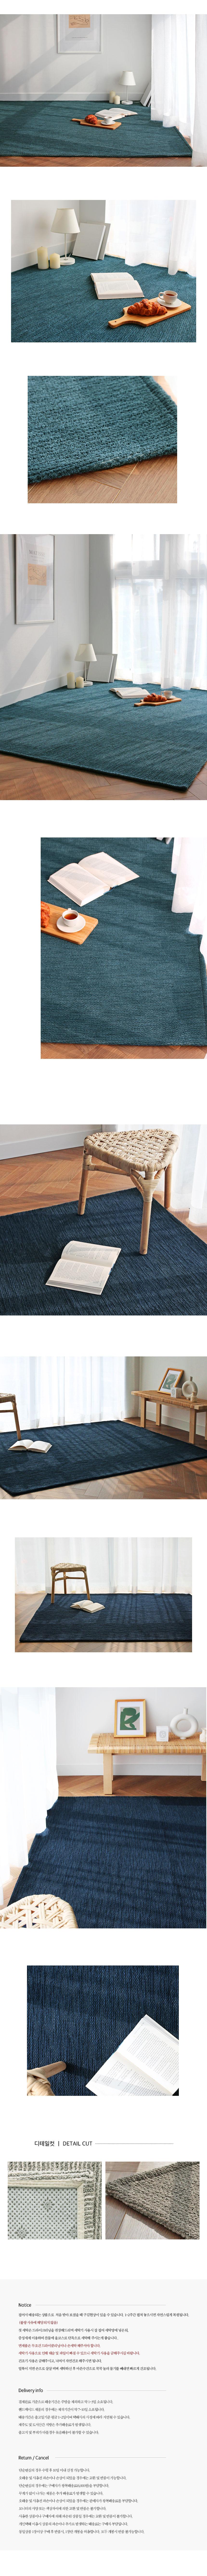 내츄럴 그랑블 투톤 사계절 단모 러그 150x200 - 4color - 더프리그, 79,800원, 디자인러그, 디자인러그